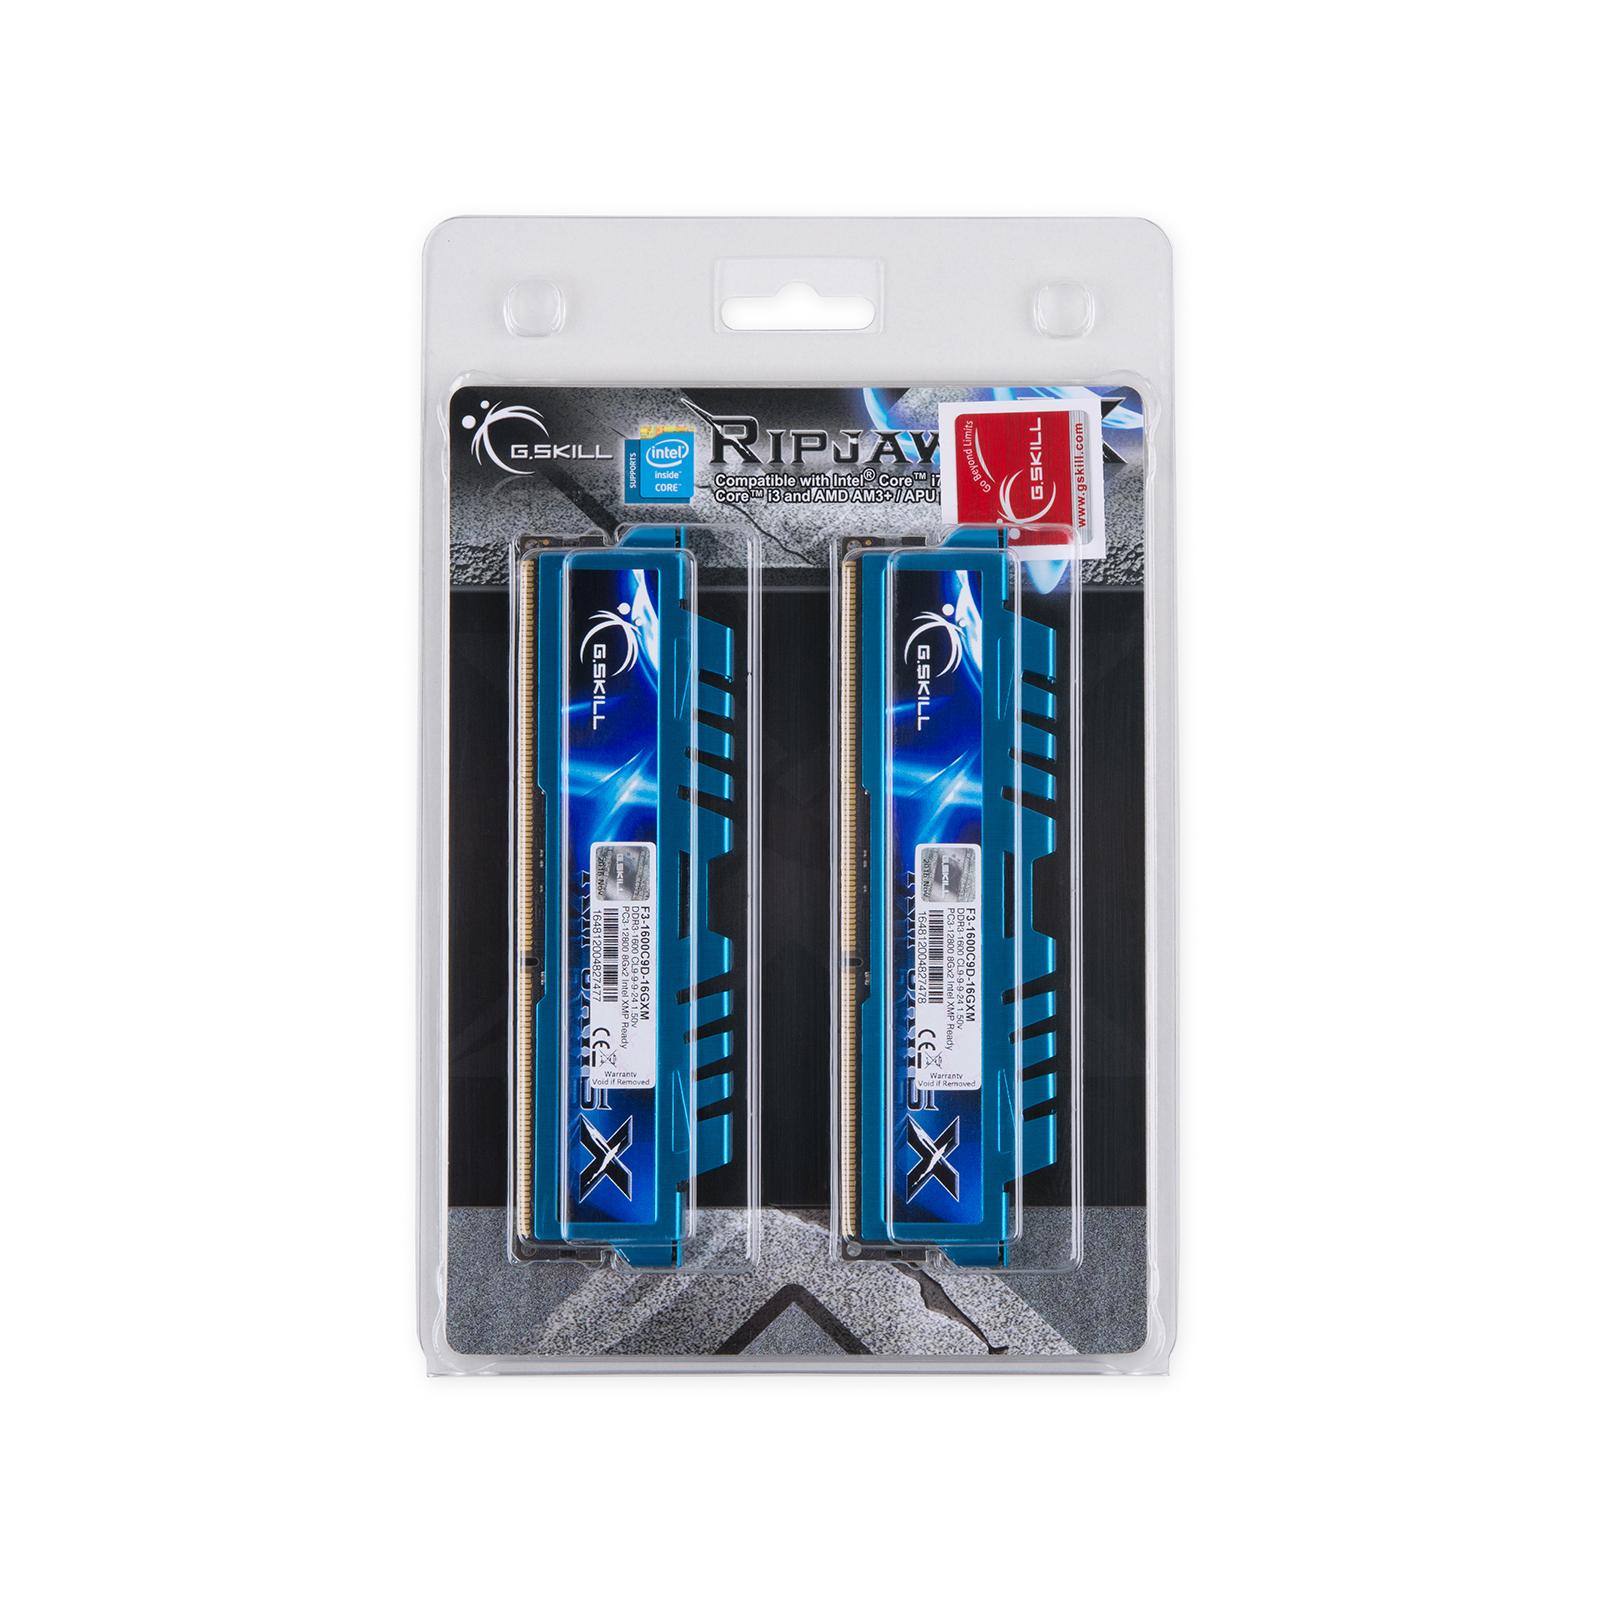 Модуль памяти для компьютера DDR3 16GB (2x8GB) 1600 MHz G.Skill (F3-1600C9D-16GXM) изображение 5